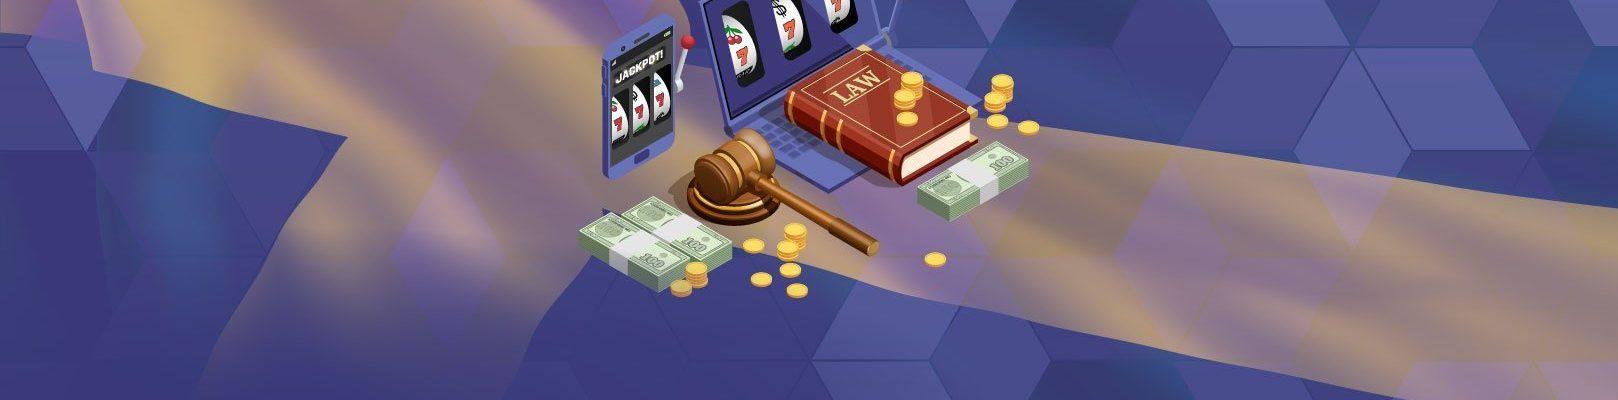 Svenska spellagen 2019 – Casinon med svensk licens